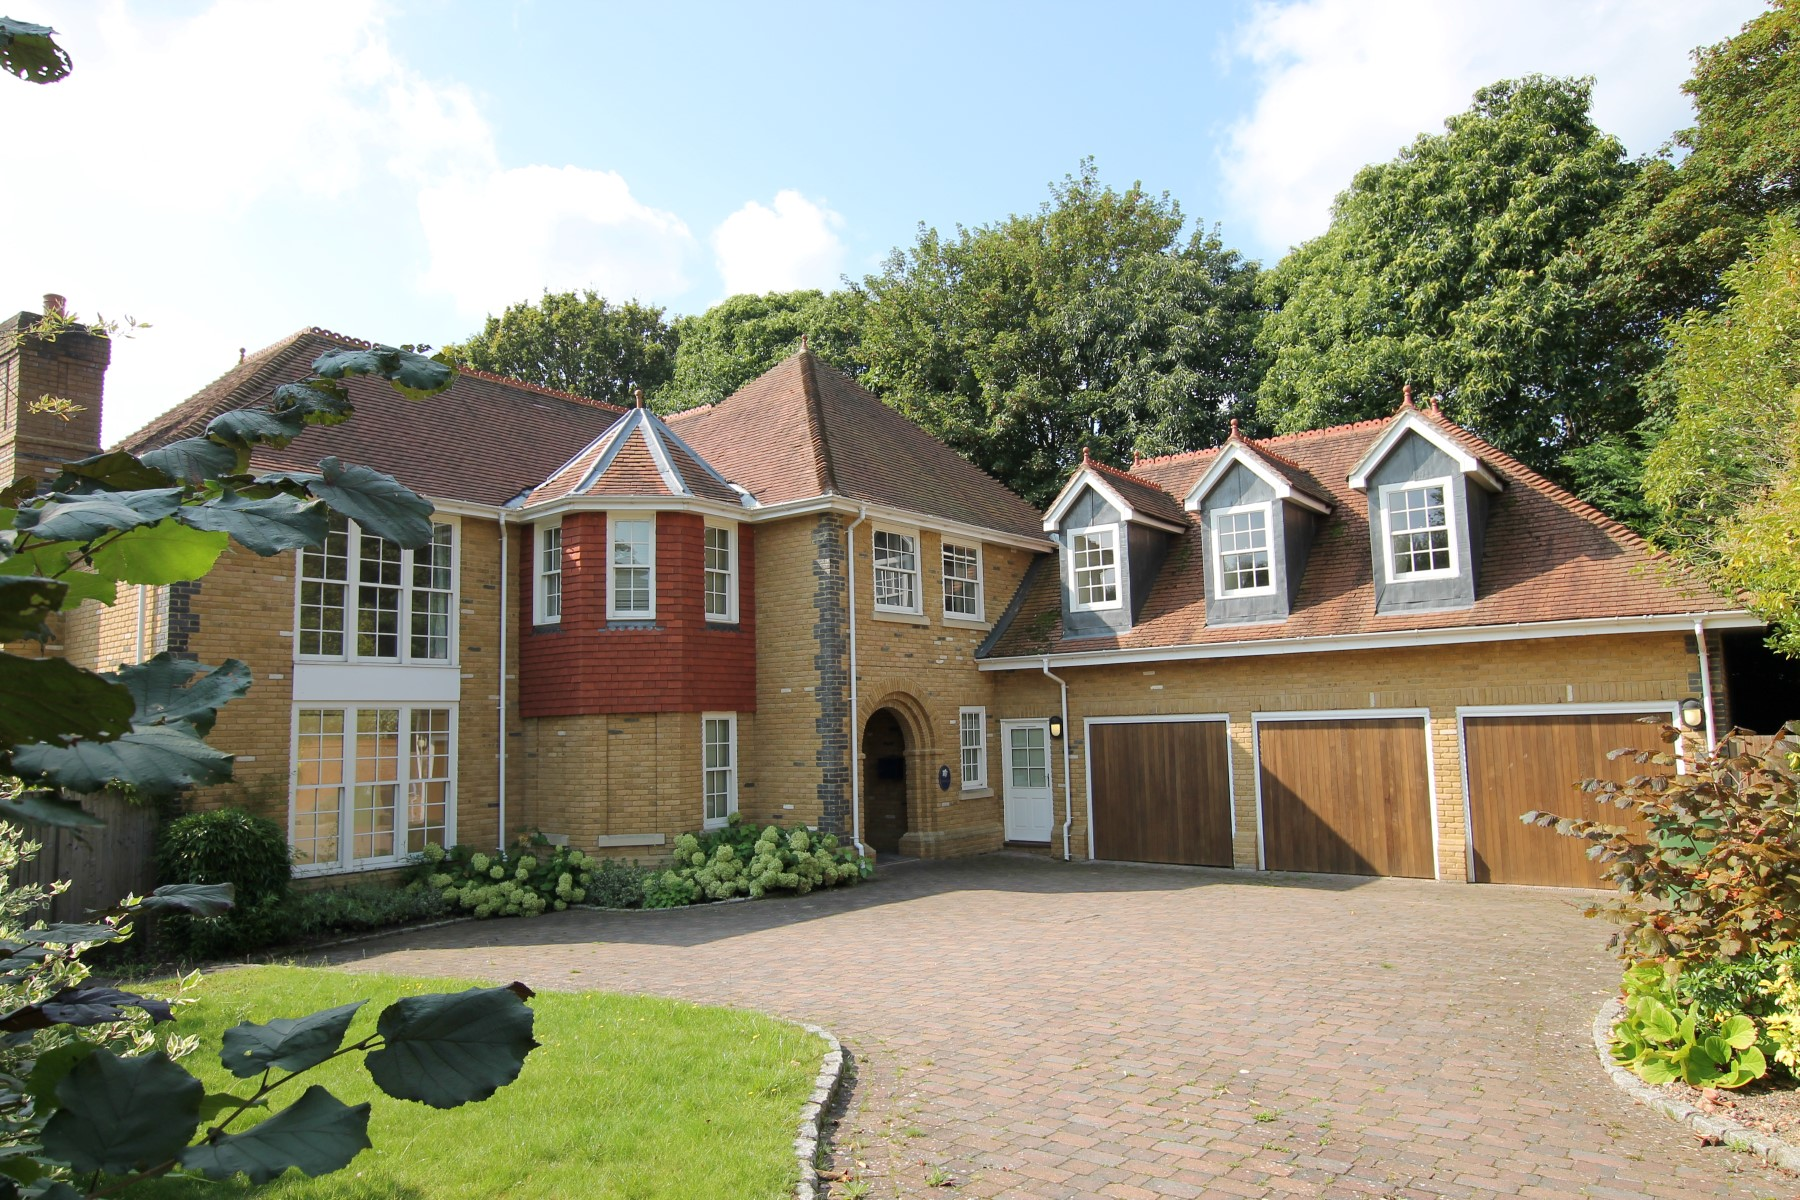 Maison unifamiliale pour l Vente à Chobham, Surrey Gorse Lane Chobham, Angleterre, GU248RB Royaume-Uni